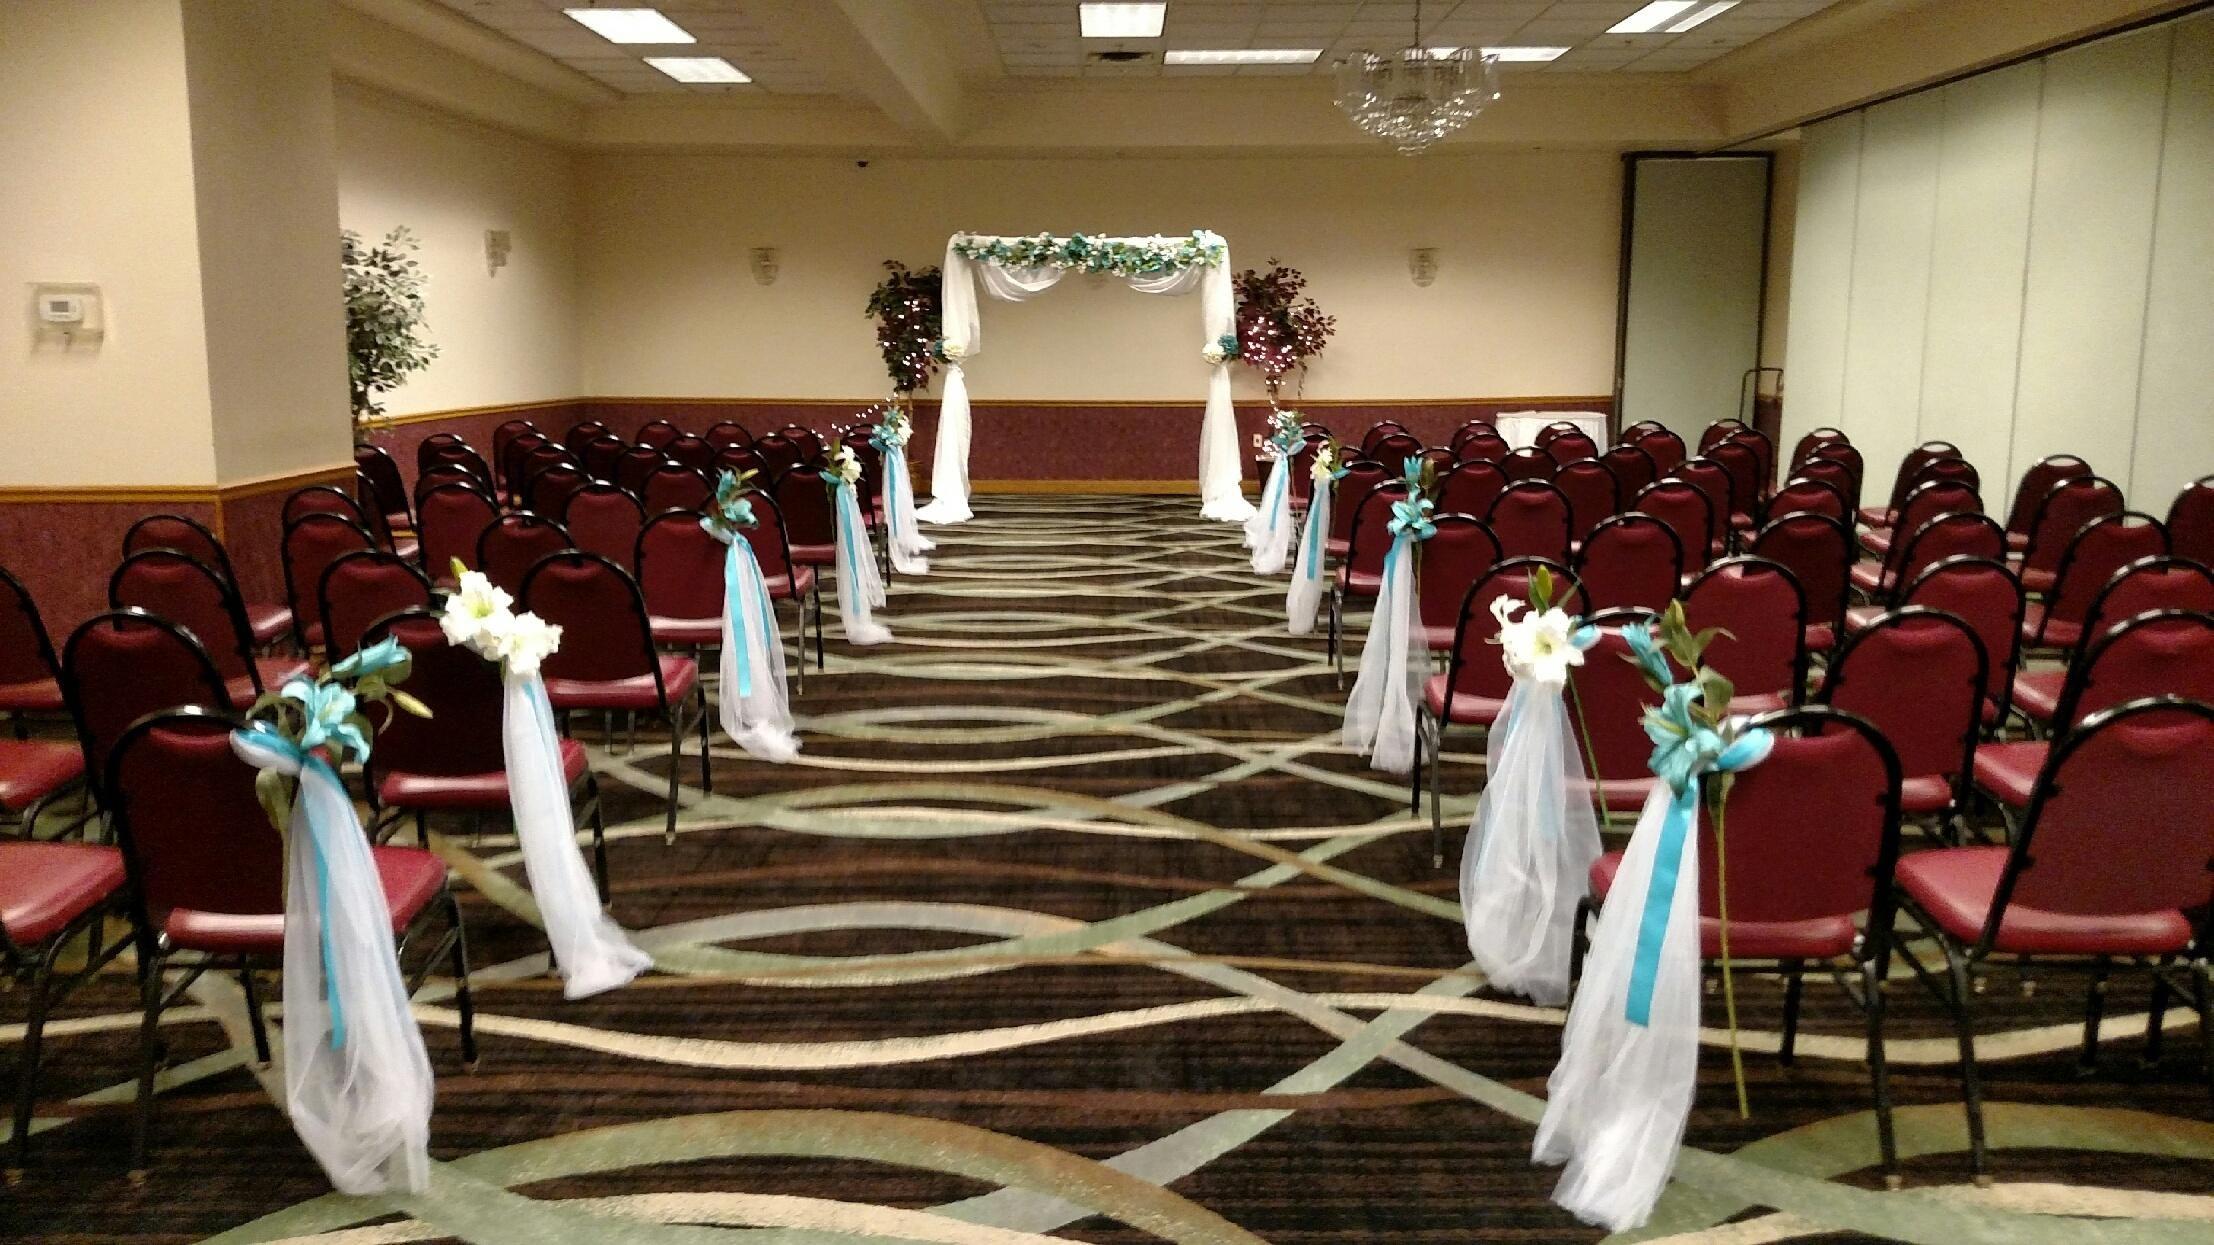 Wedding Venue 2016 At Royal Scot Banquet Hall South Room Upstairs